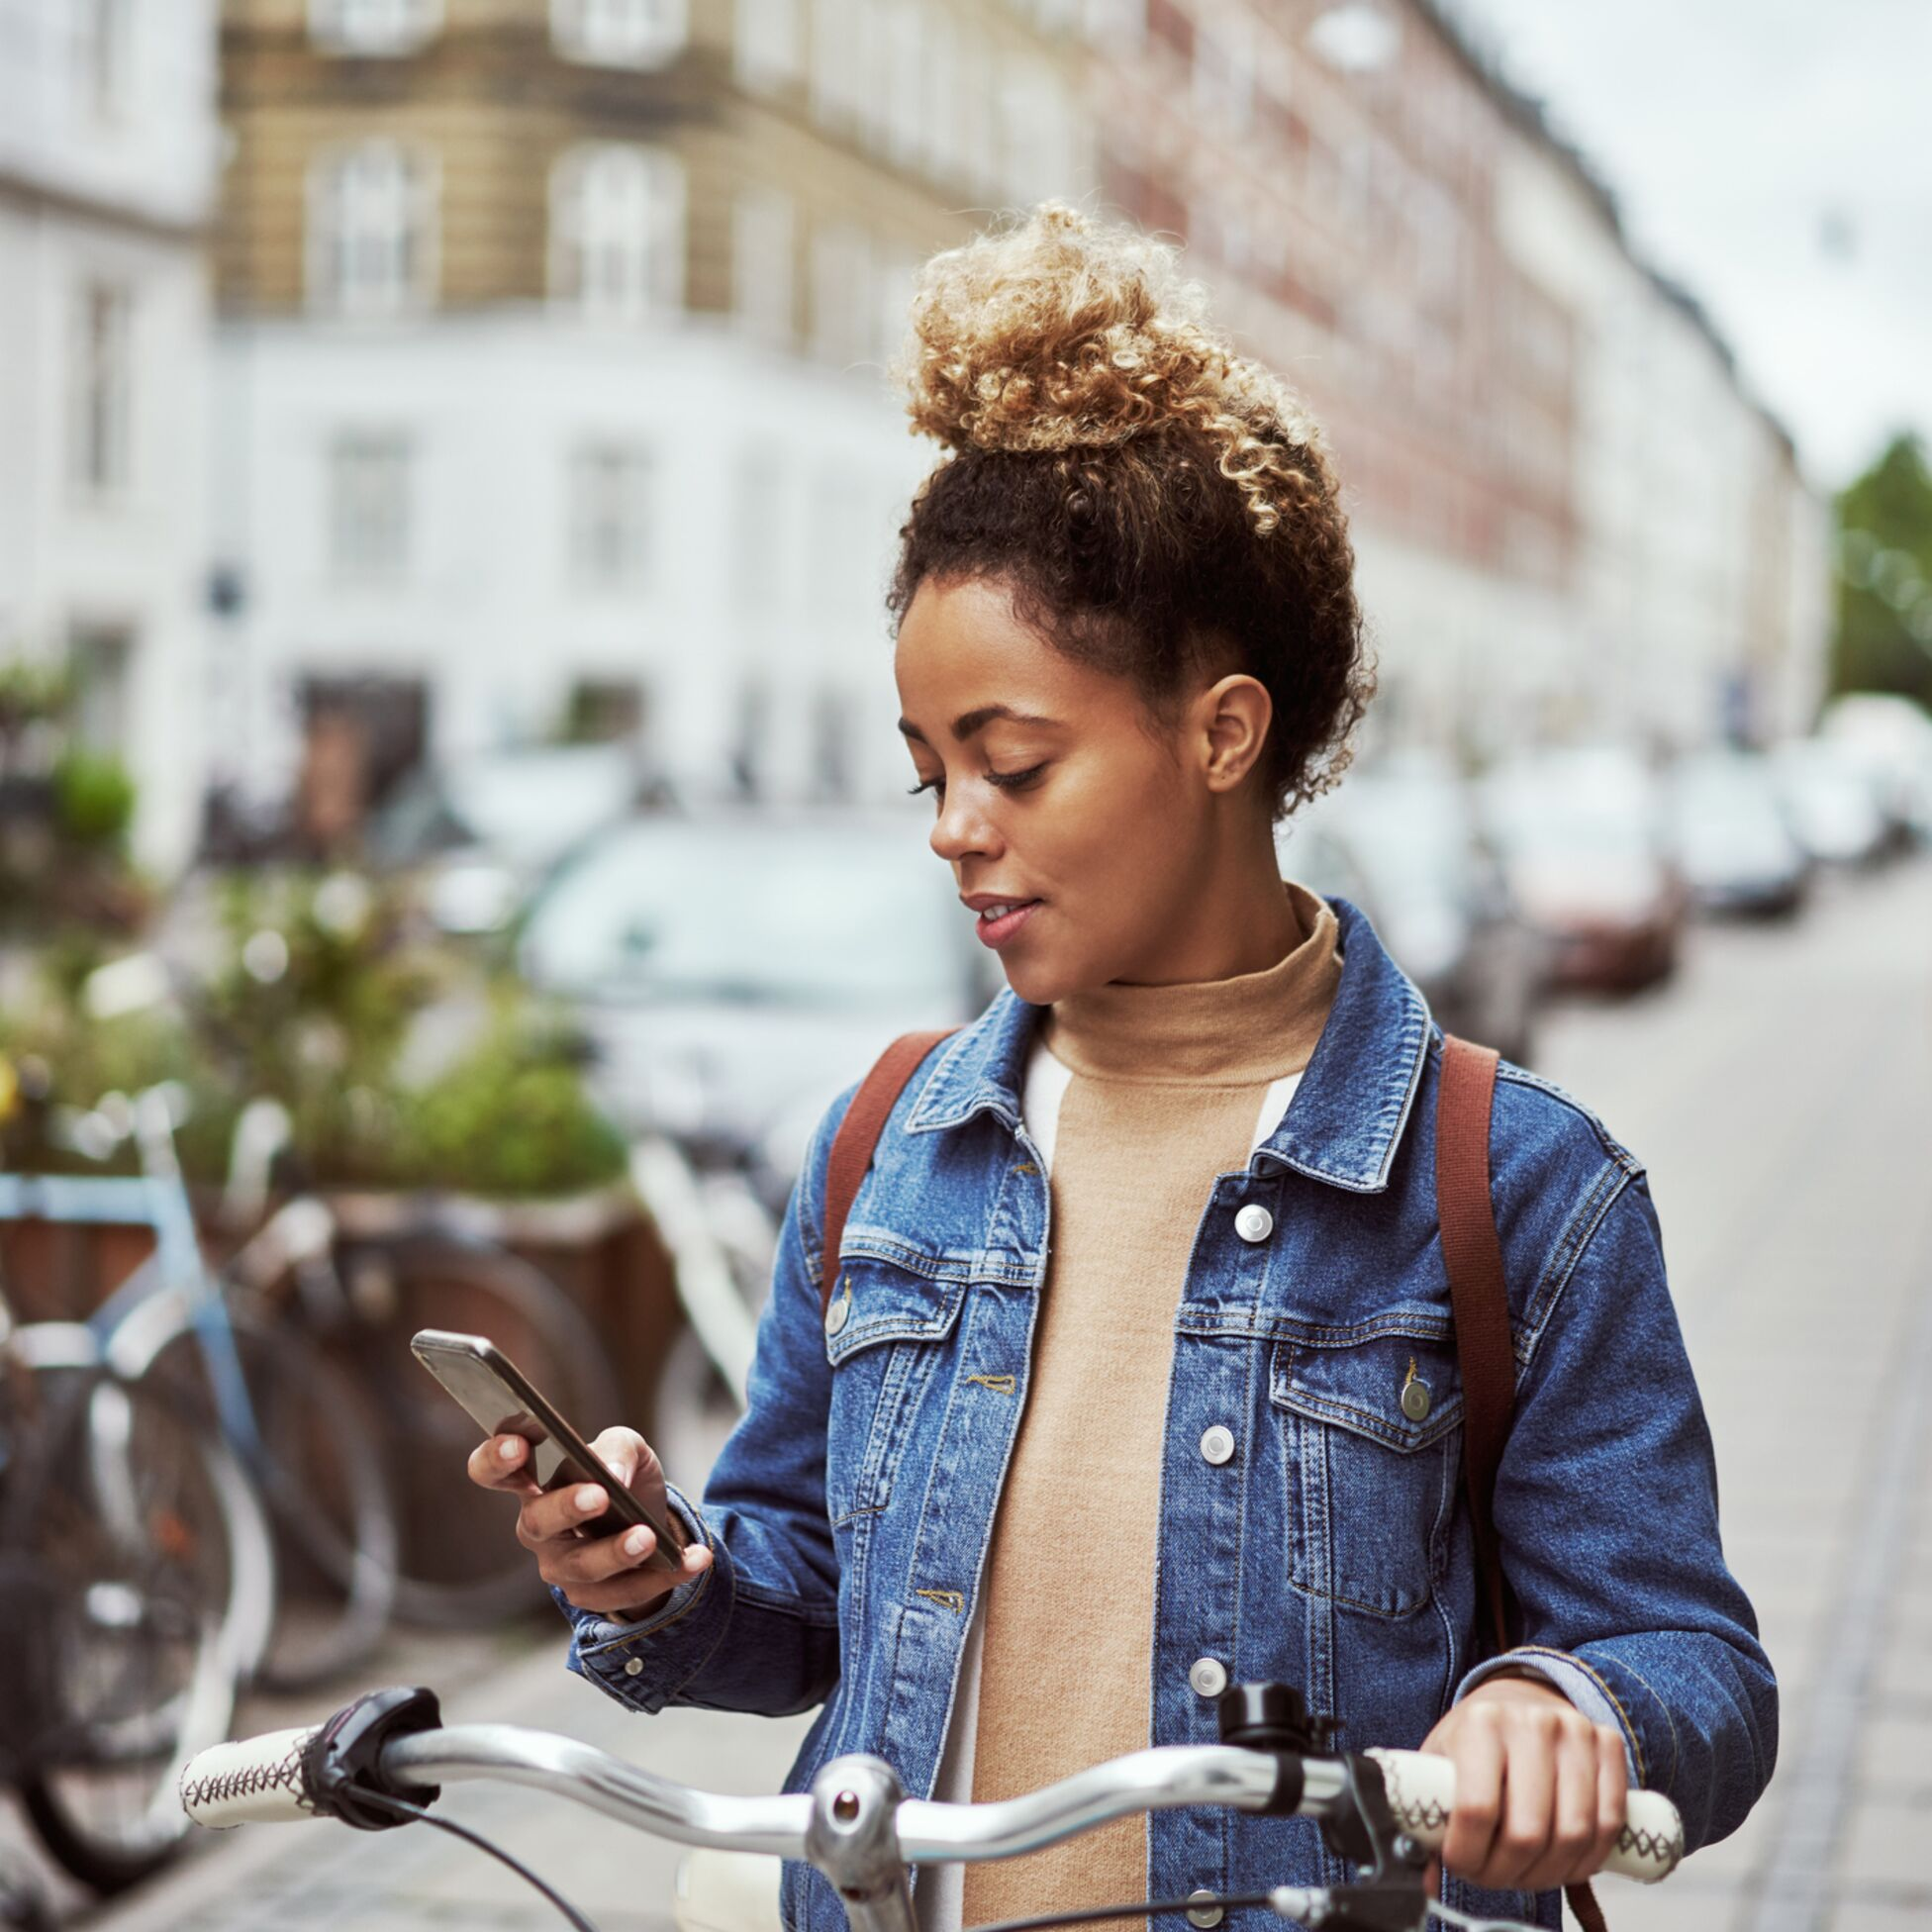 Frau mit Fahrrad in der Stadt